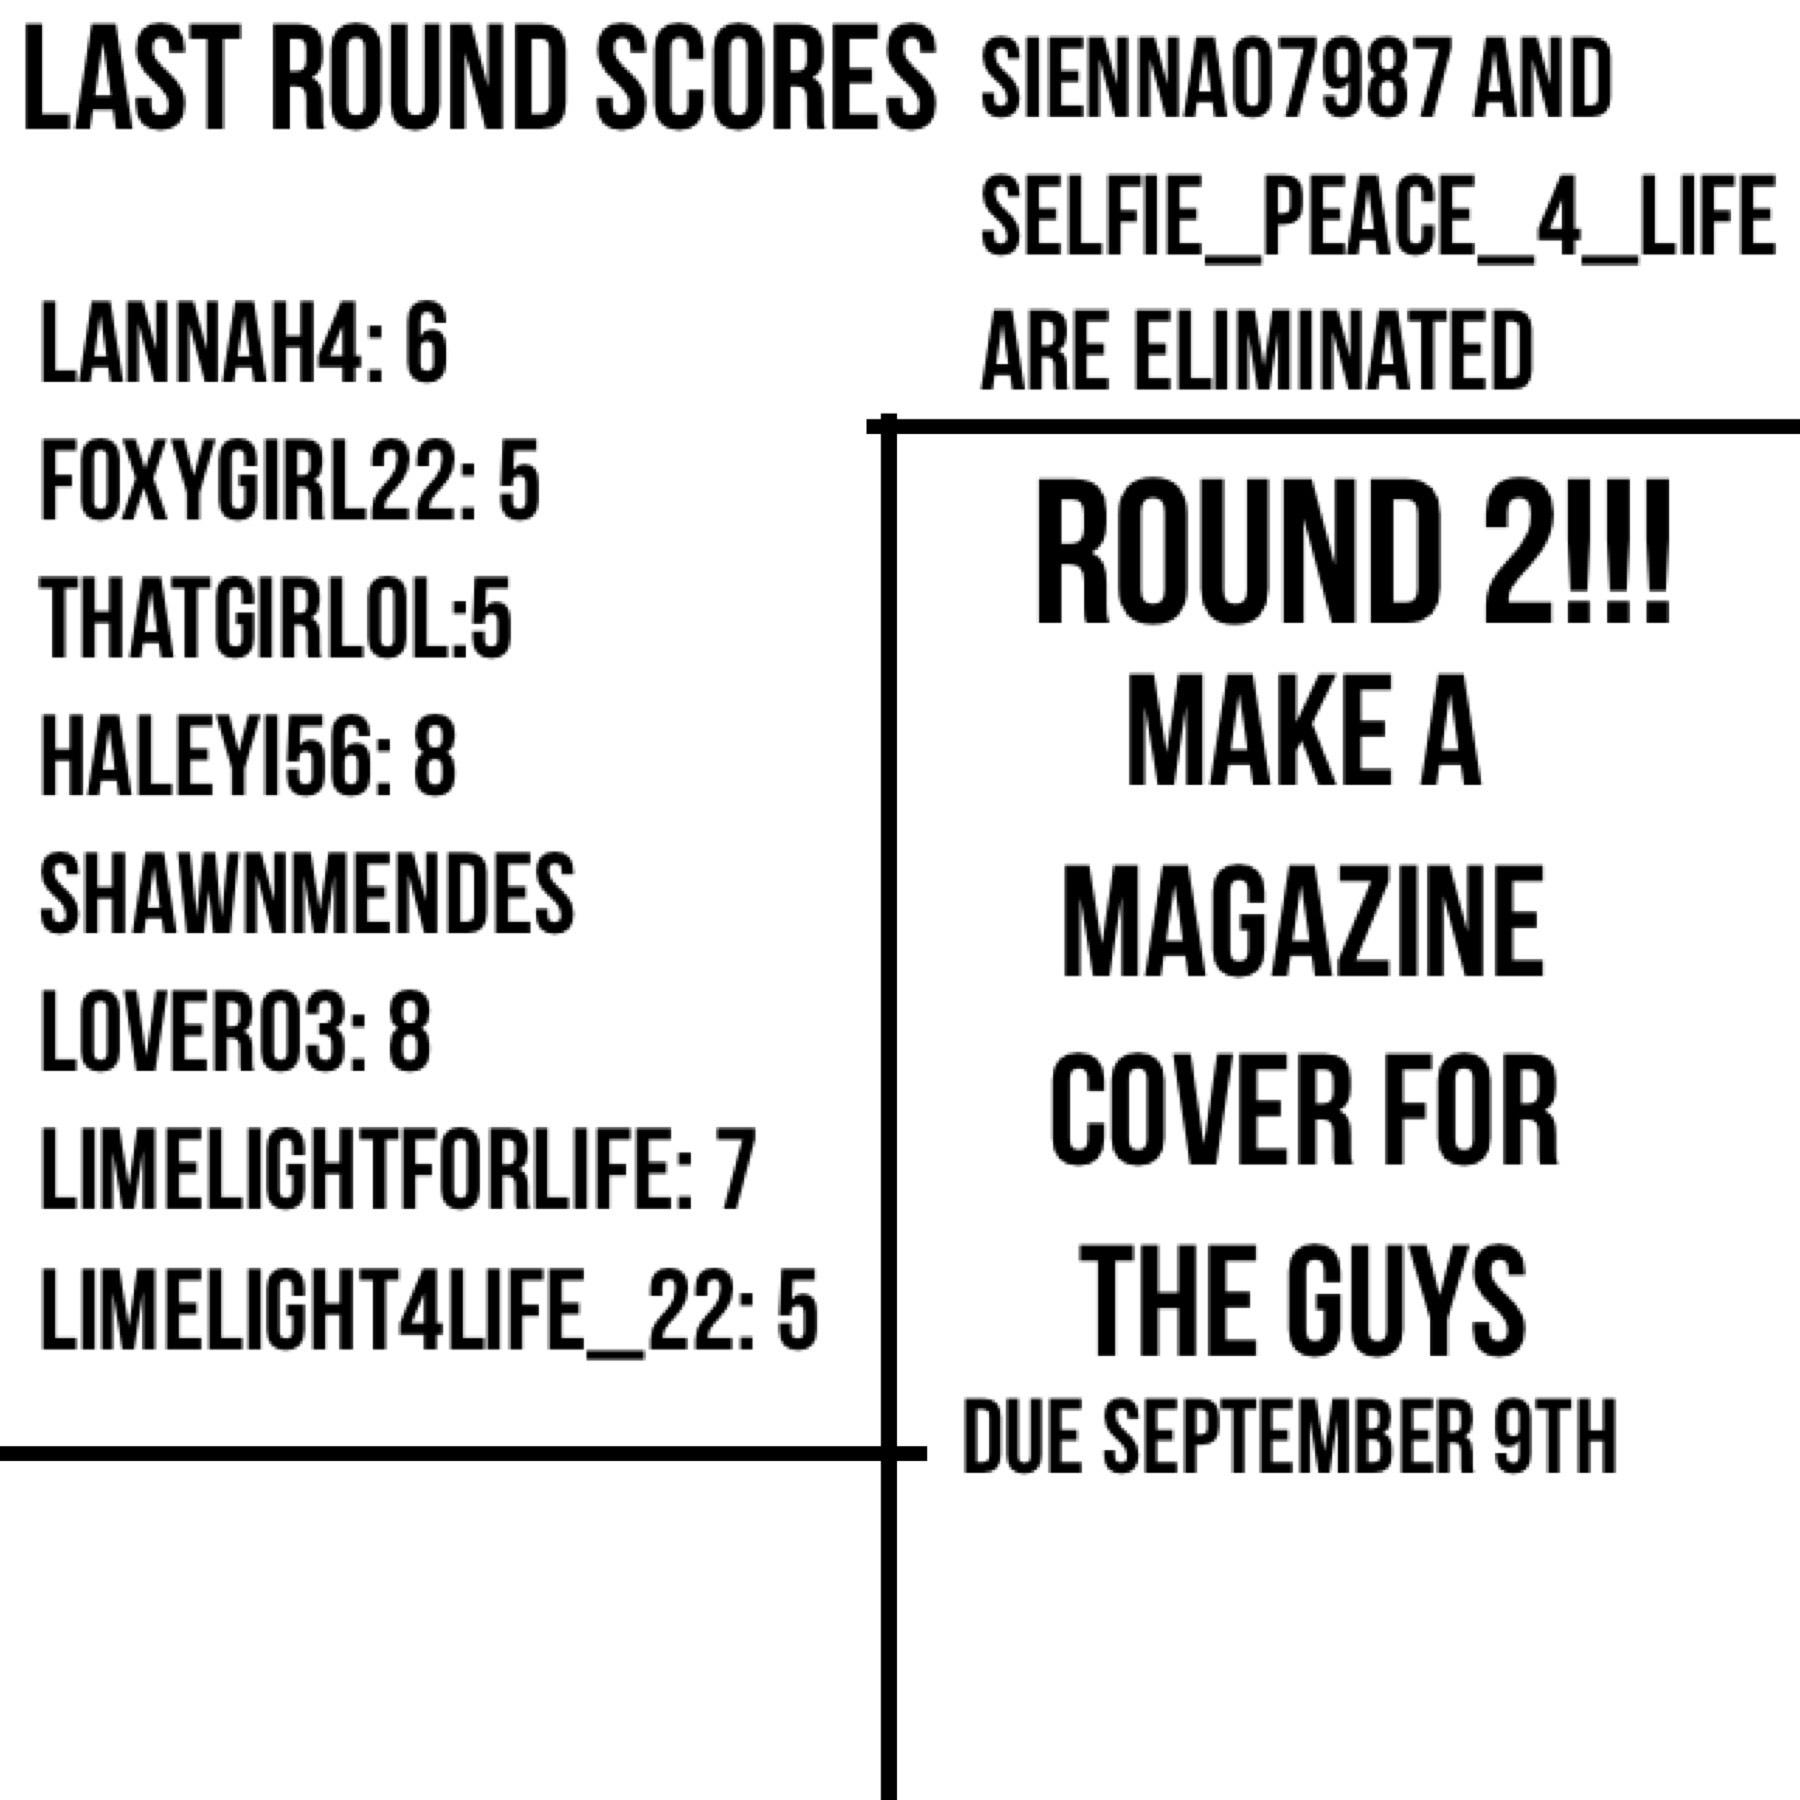 Round 2!!!